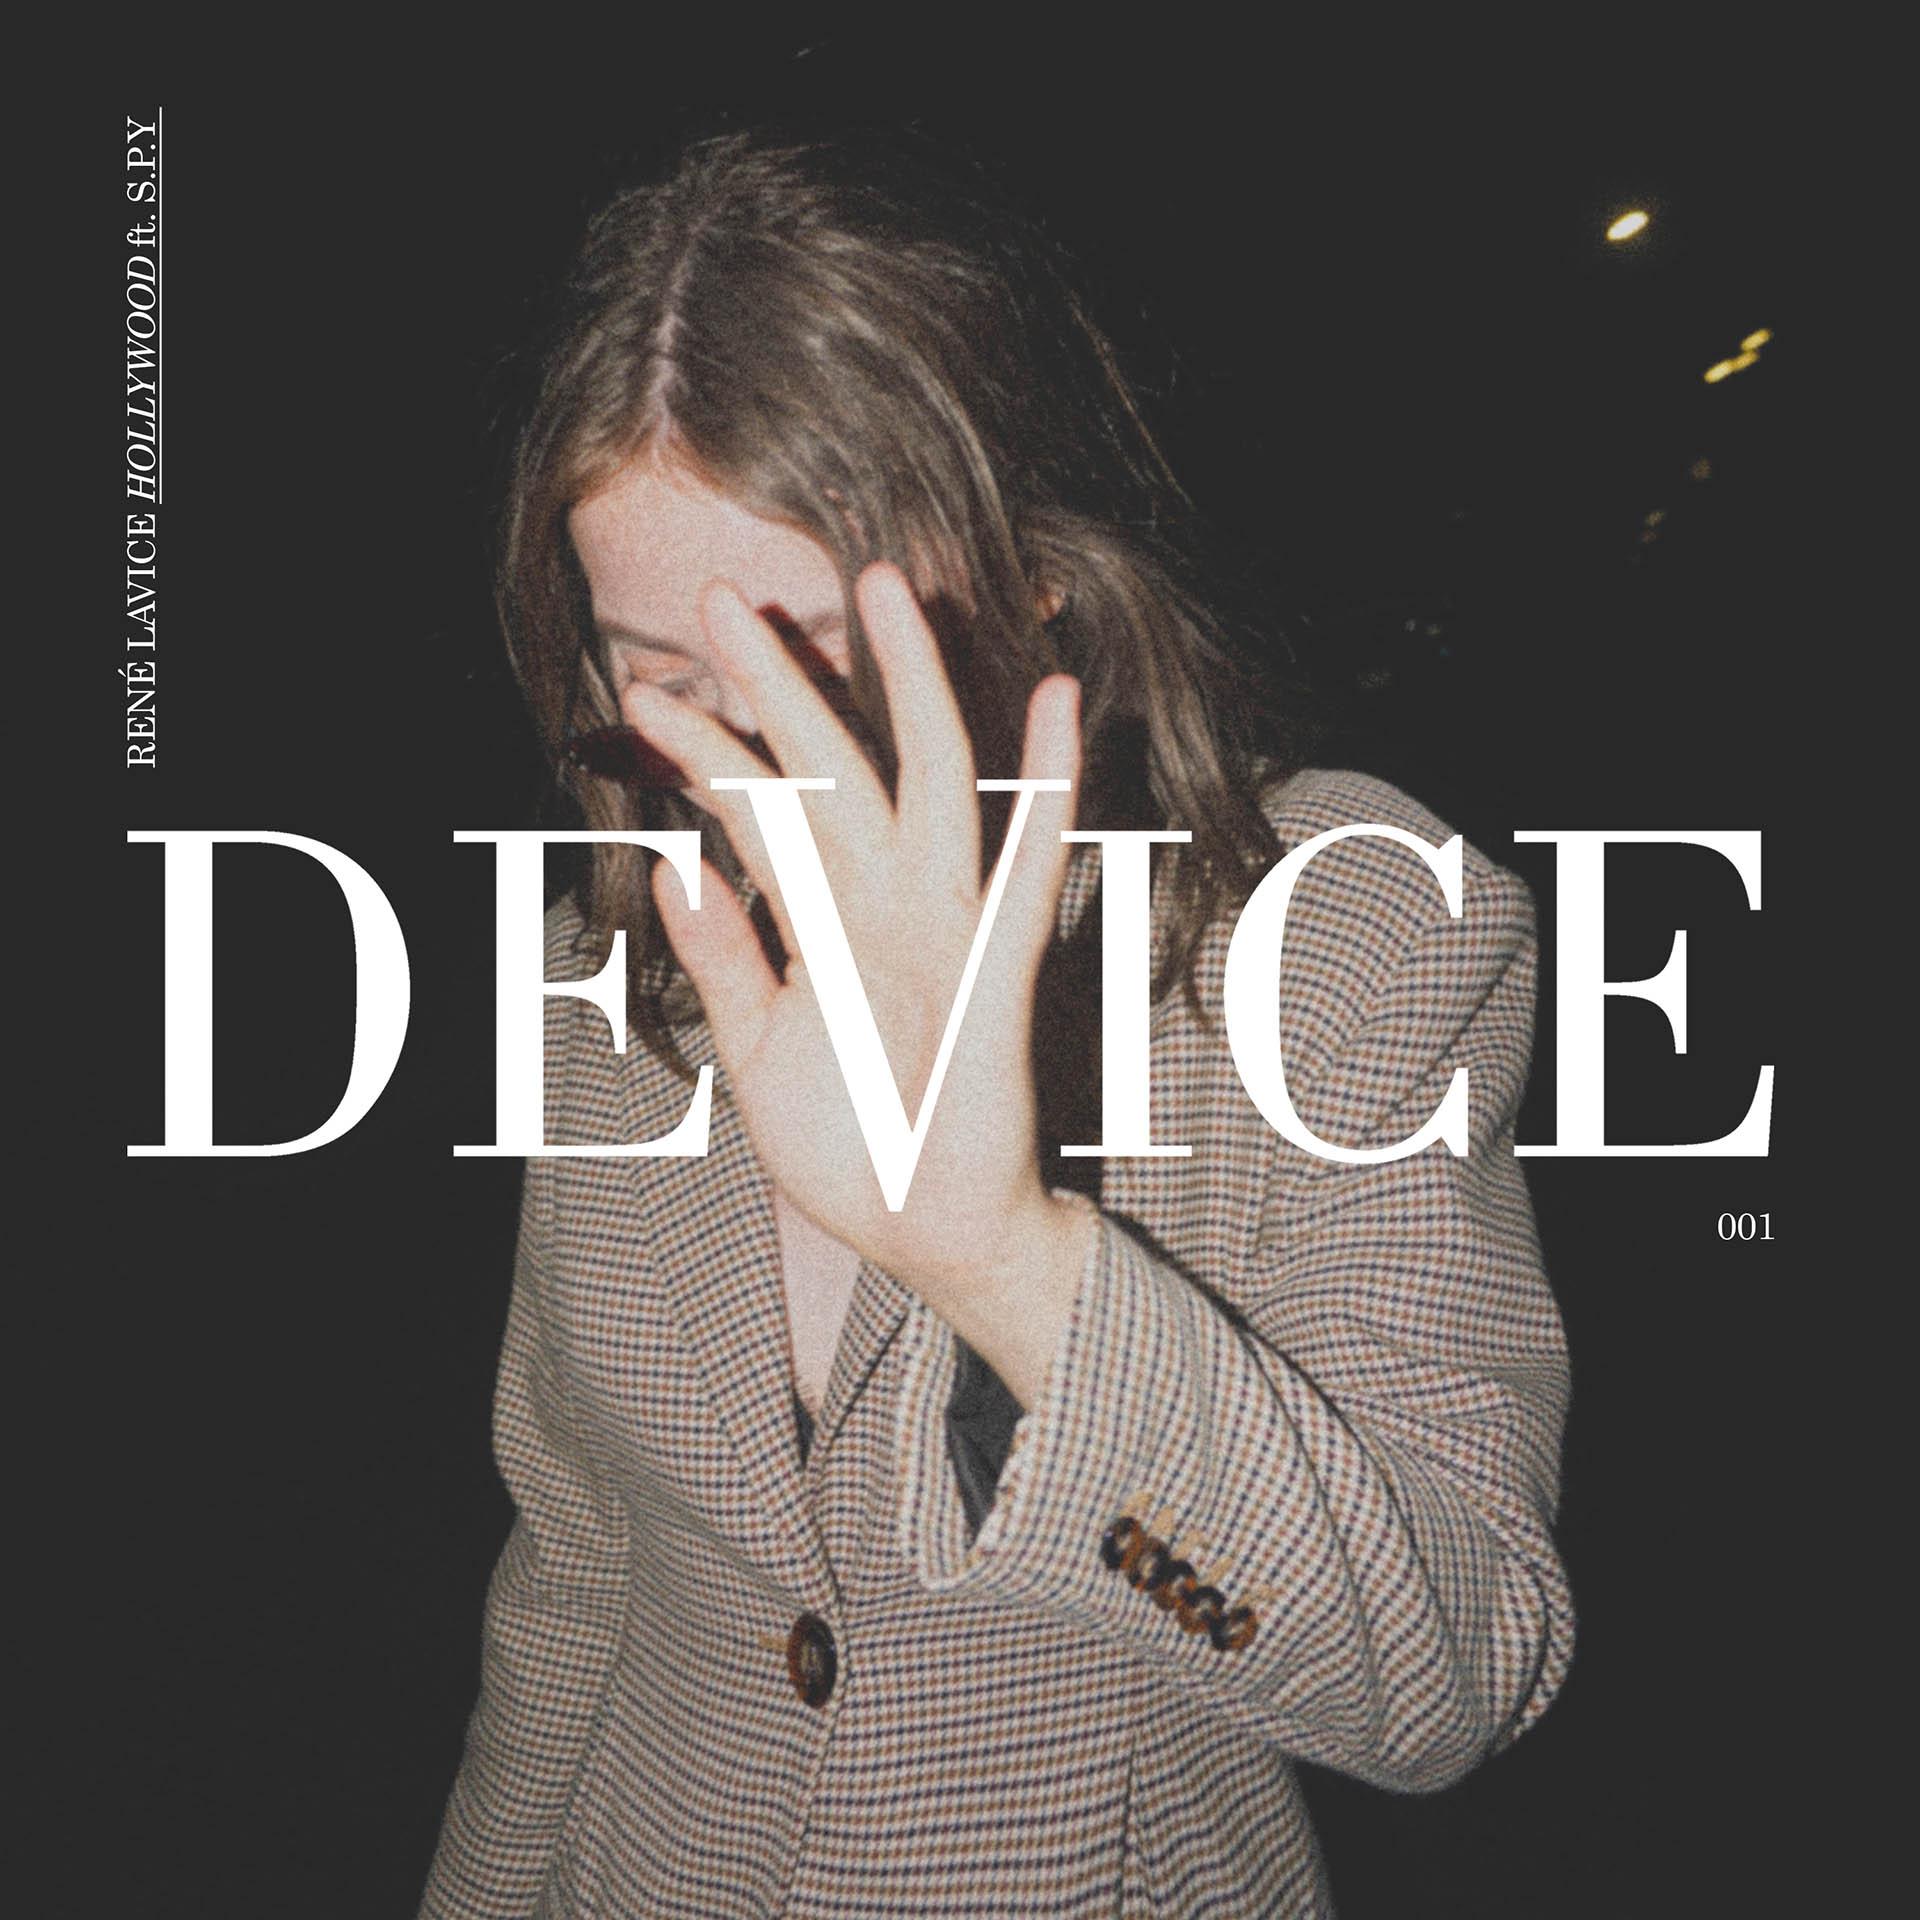 Device - Rene LaVice